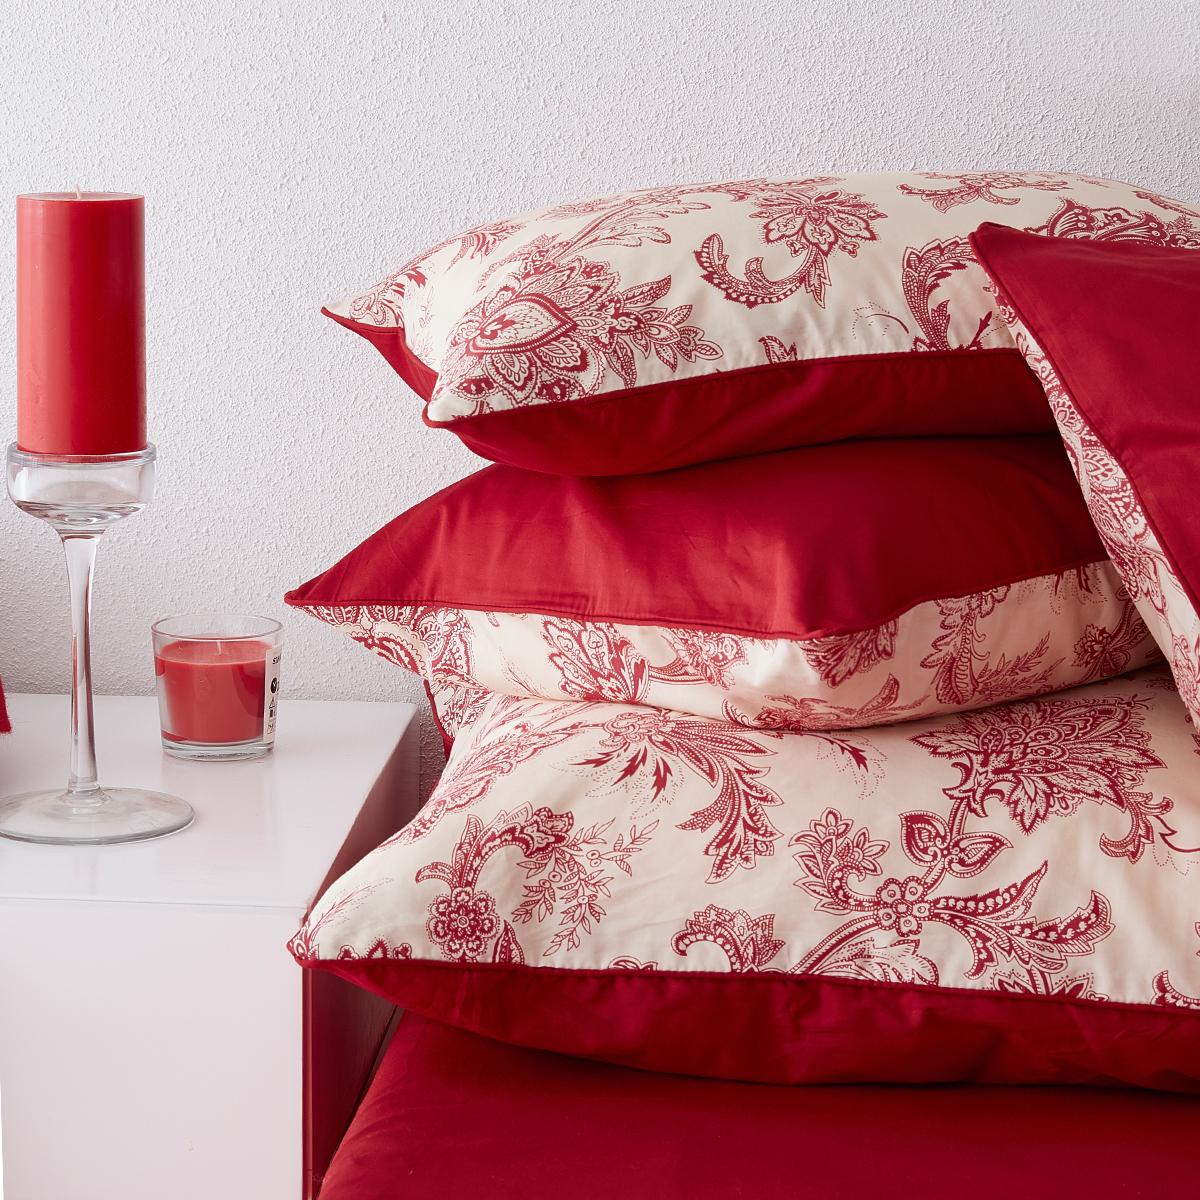 婚庆四件套大红全棉纯棉贡缎婚床床笠结婚四件套新婚床上用品喜被